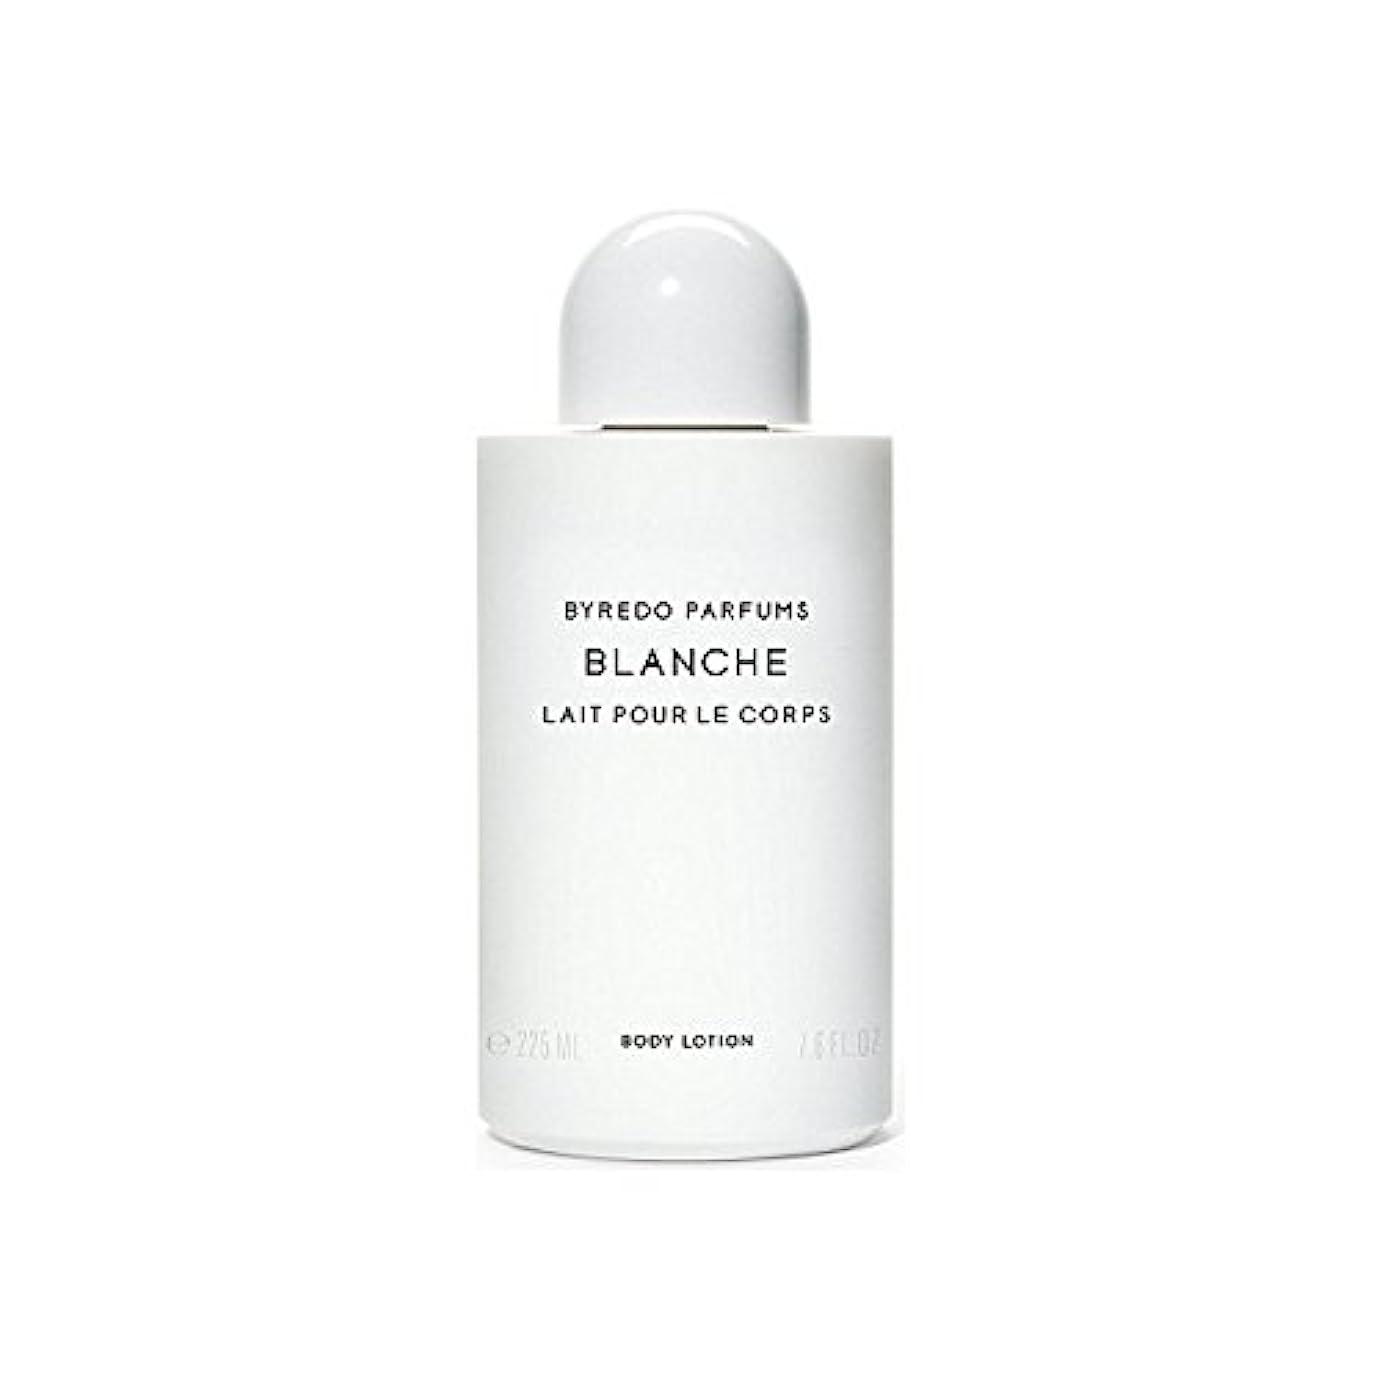 極小植生研究所ブランシュボディローション225ミリリットル x2 - Byredo Blanche Body Lotion 225ml (Pack of 2) [並行輸入品]